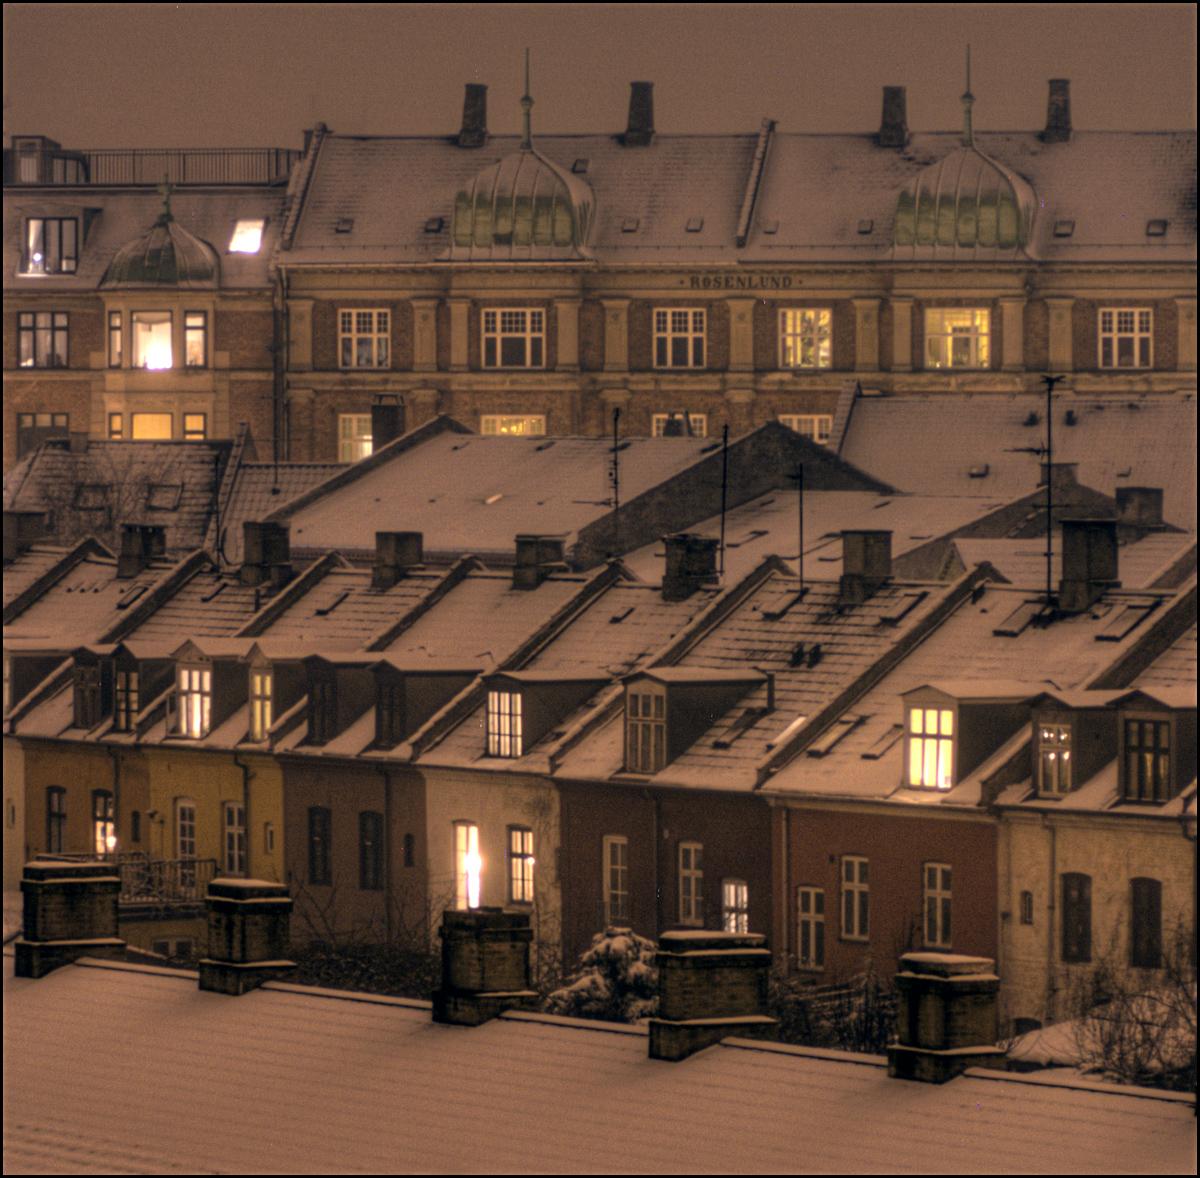 Maisons du quartier d'Osterbro à Copenhague sous la neige à la nuit tombée. Photo de Mik Hartwell